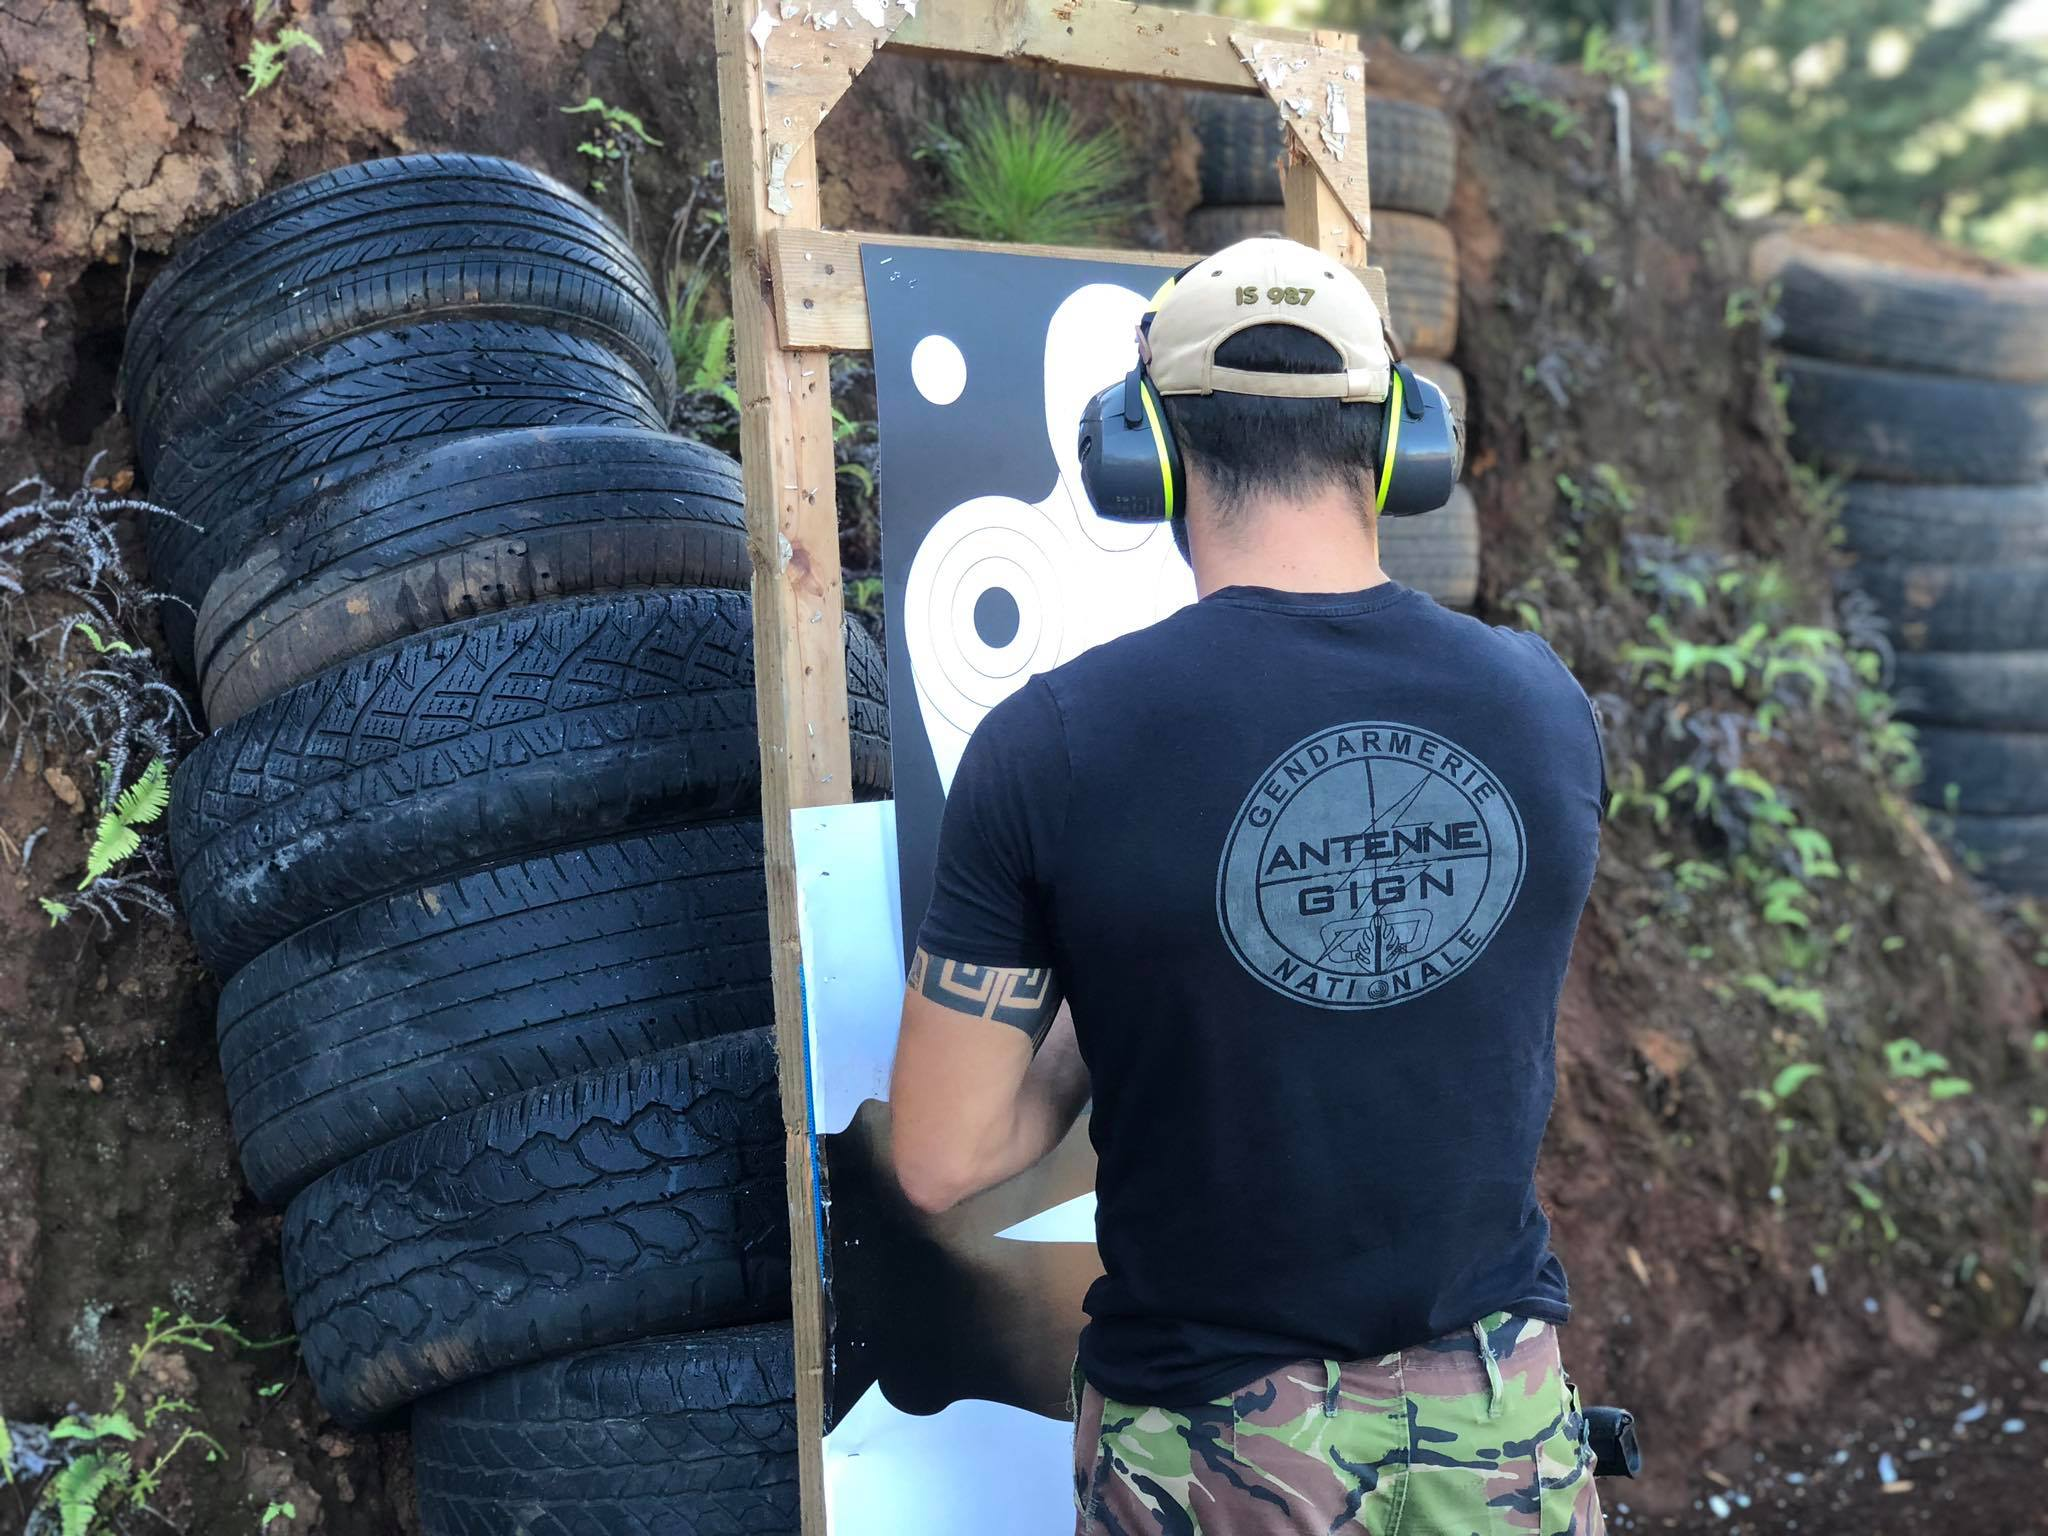 L'une des notions maîtresses qui règne sur ce type d'entraînement est la confiance. Ultra qualifiés dans leur domaine, les membres de l'AGIGN sont vigilants quant aux notions de sécurité qui entourent notamment les entraînements au tir au cours desquels ils manient des armes létales.